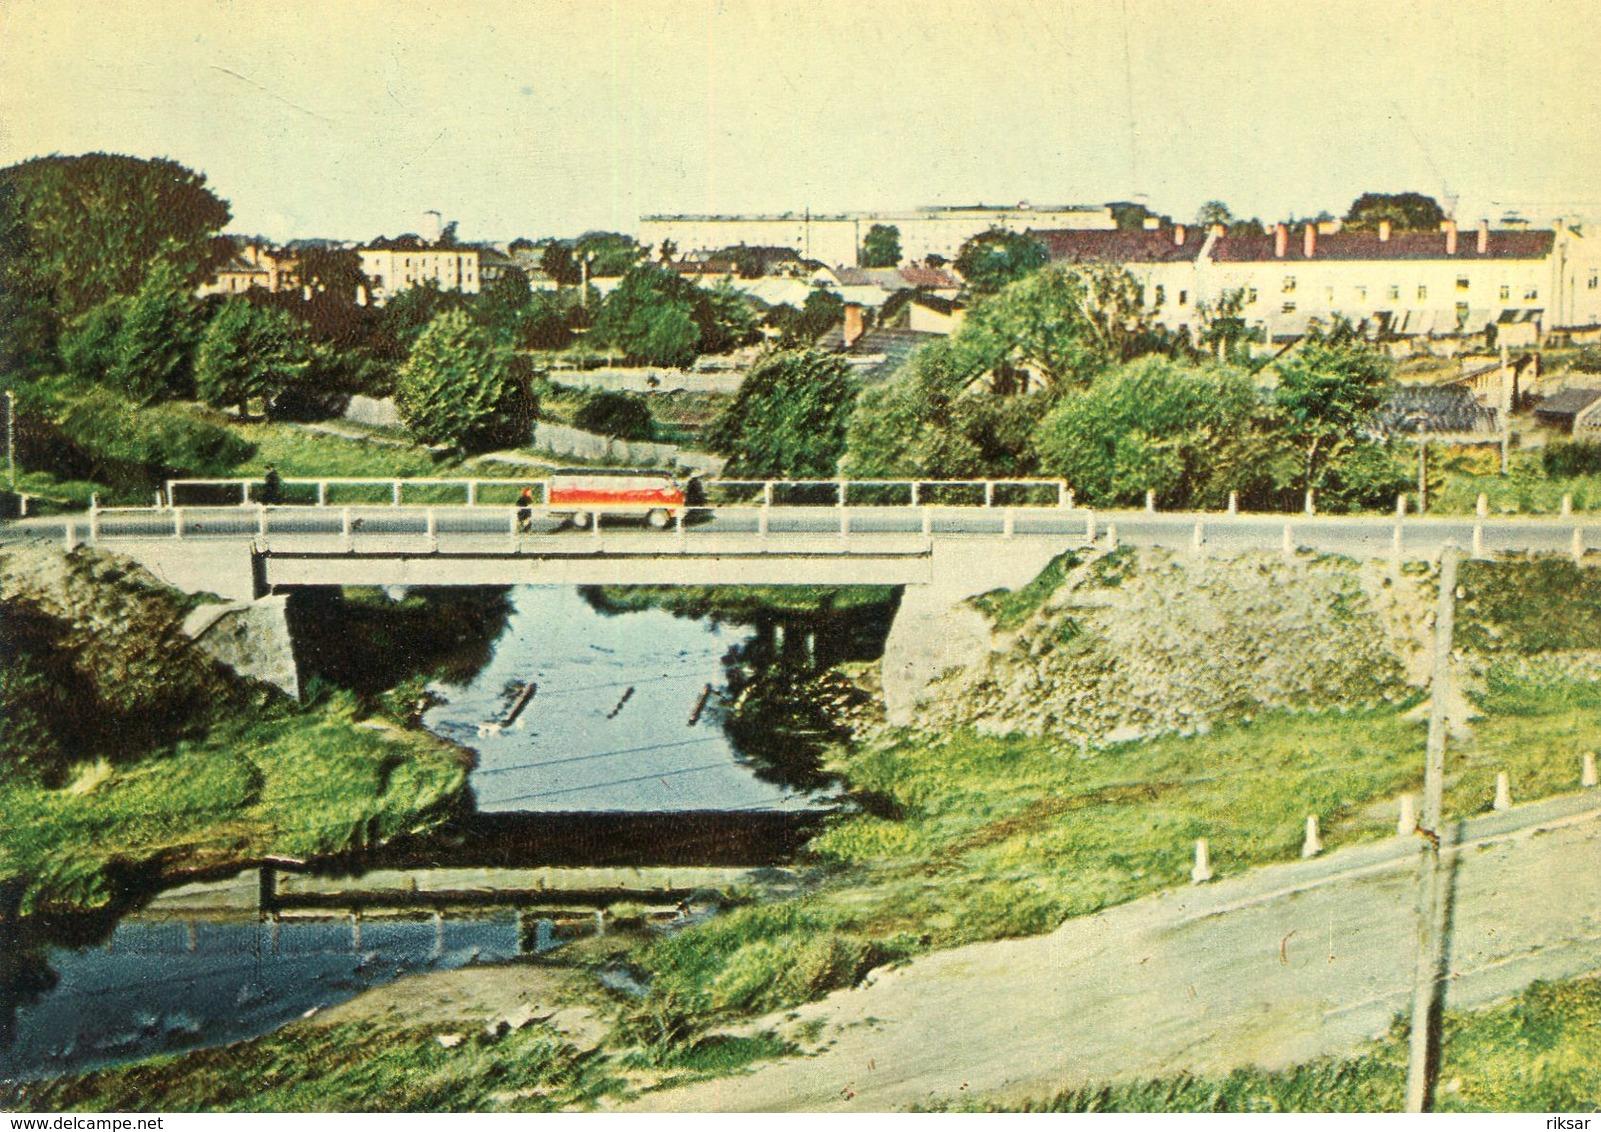 LETTONIE(REZEKNE) AUTOMOBILE - Lettonie